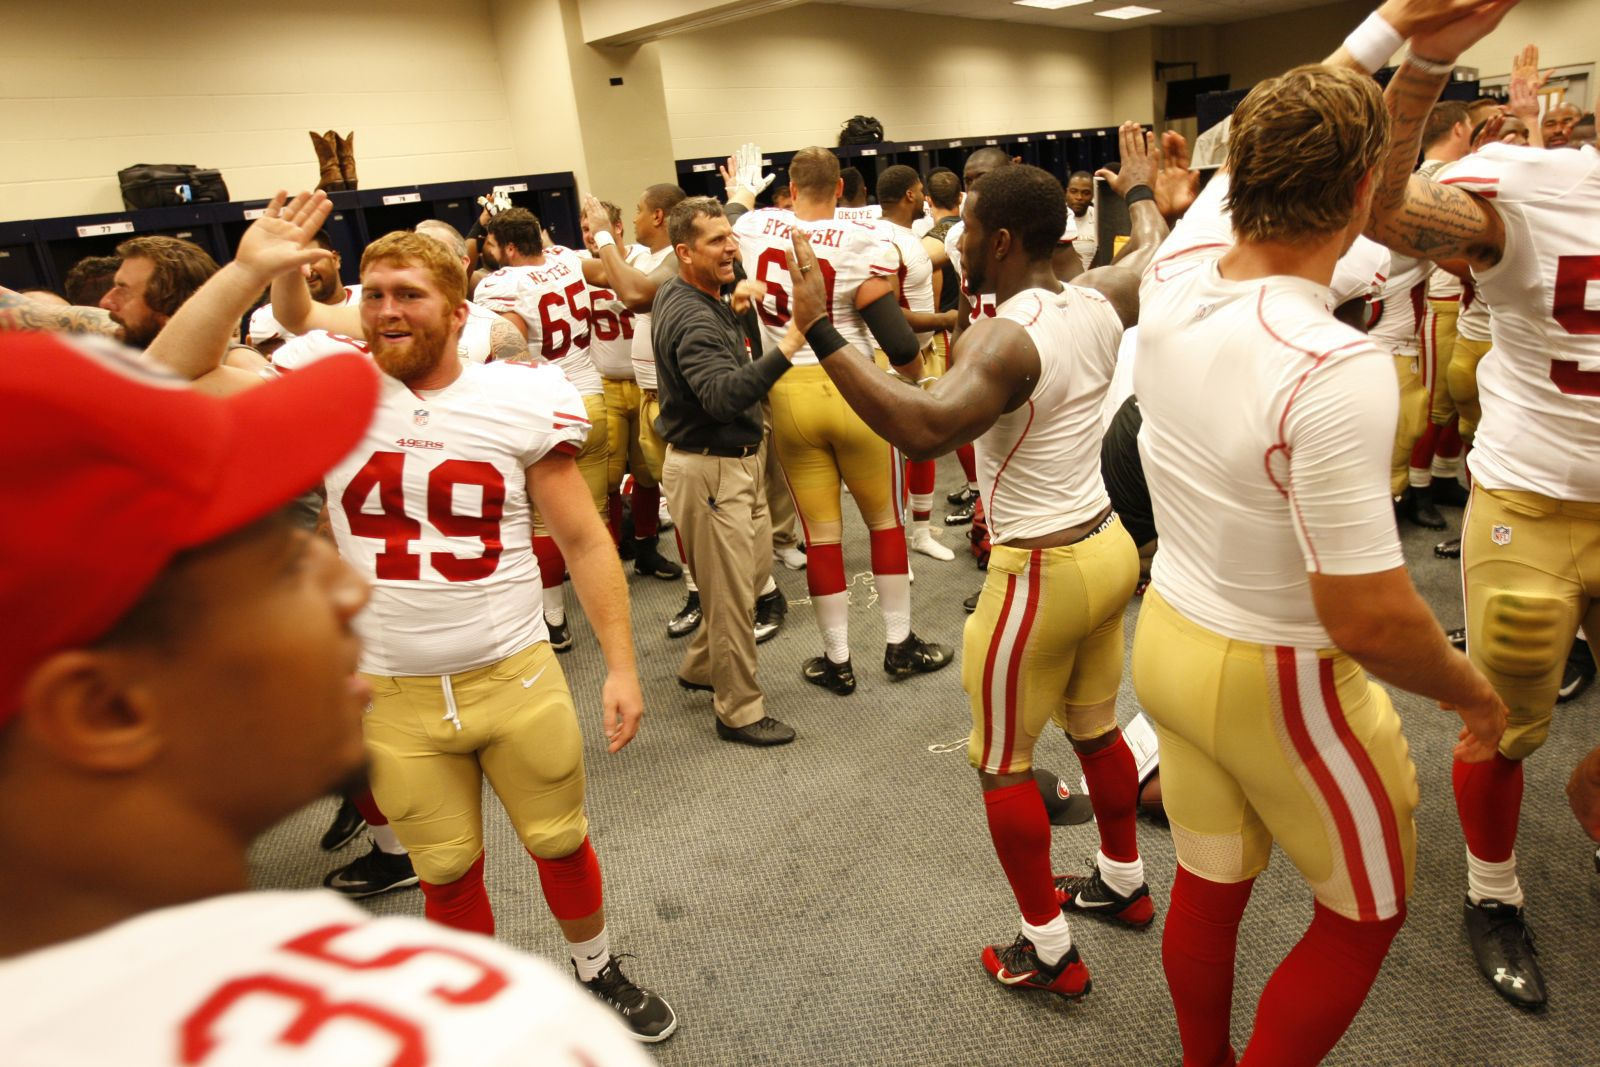 Nike NFL Jerseys - Hot shots: Colin Kaepernick's abs, Blaine Gabbert's butt - Outsports